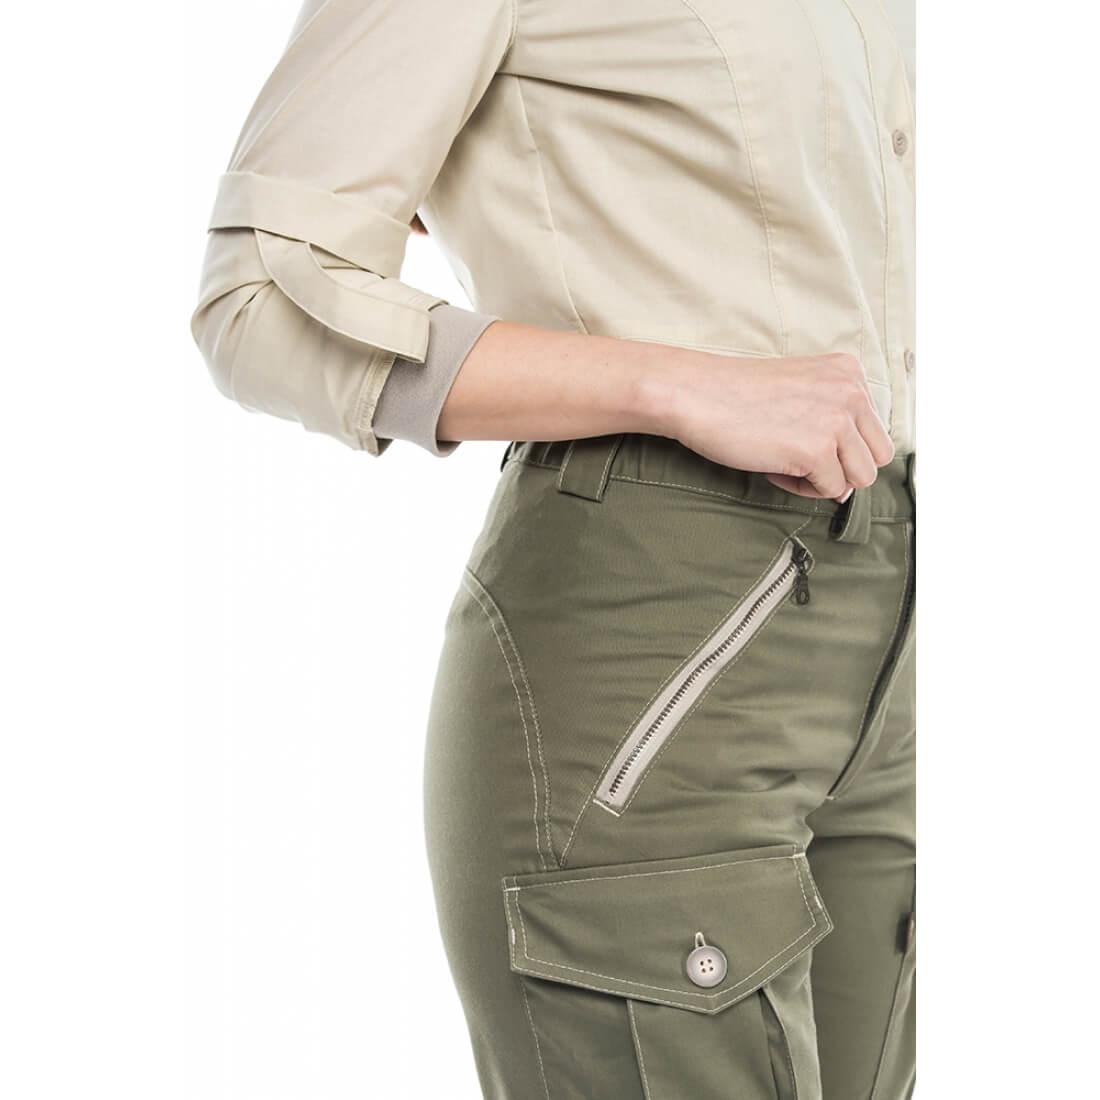 Женские противоэнцефалитные брюки Биостоп® Комфорт